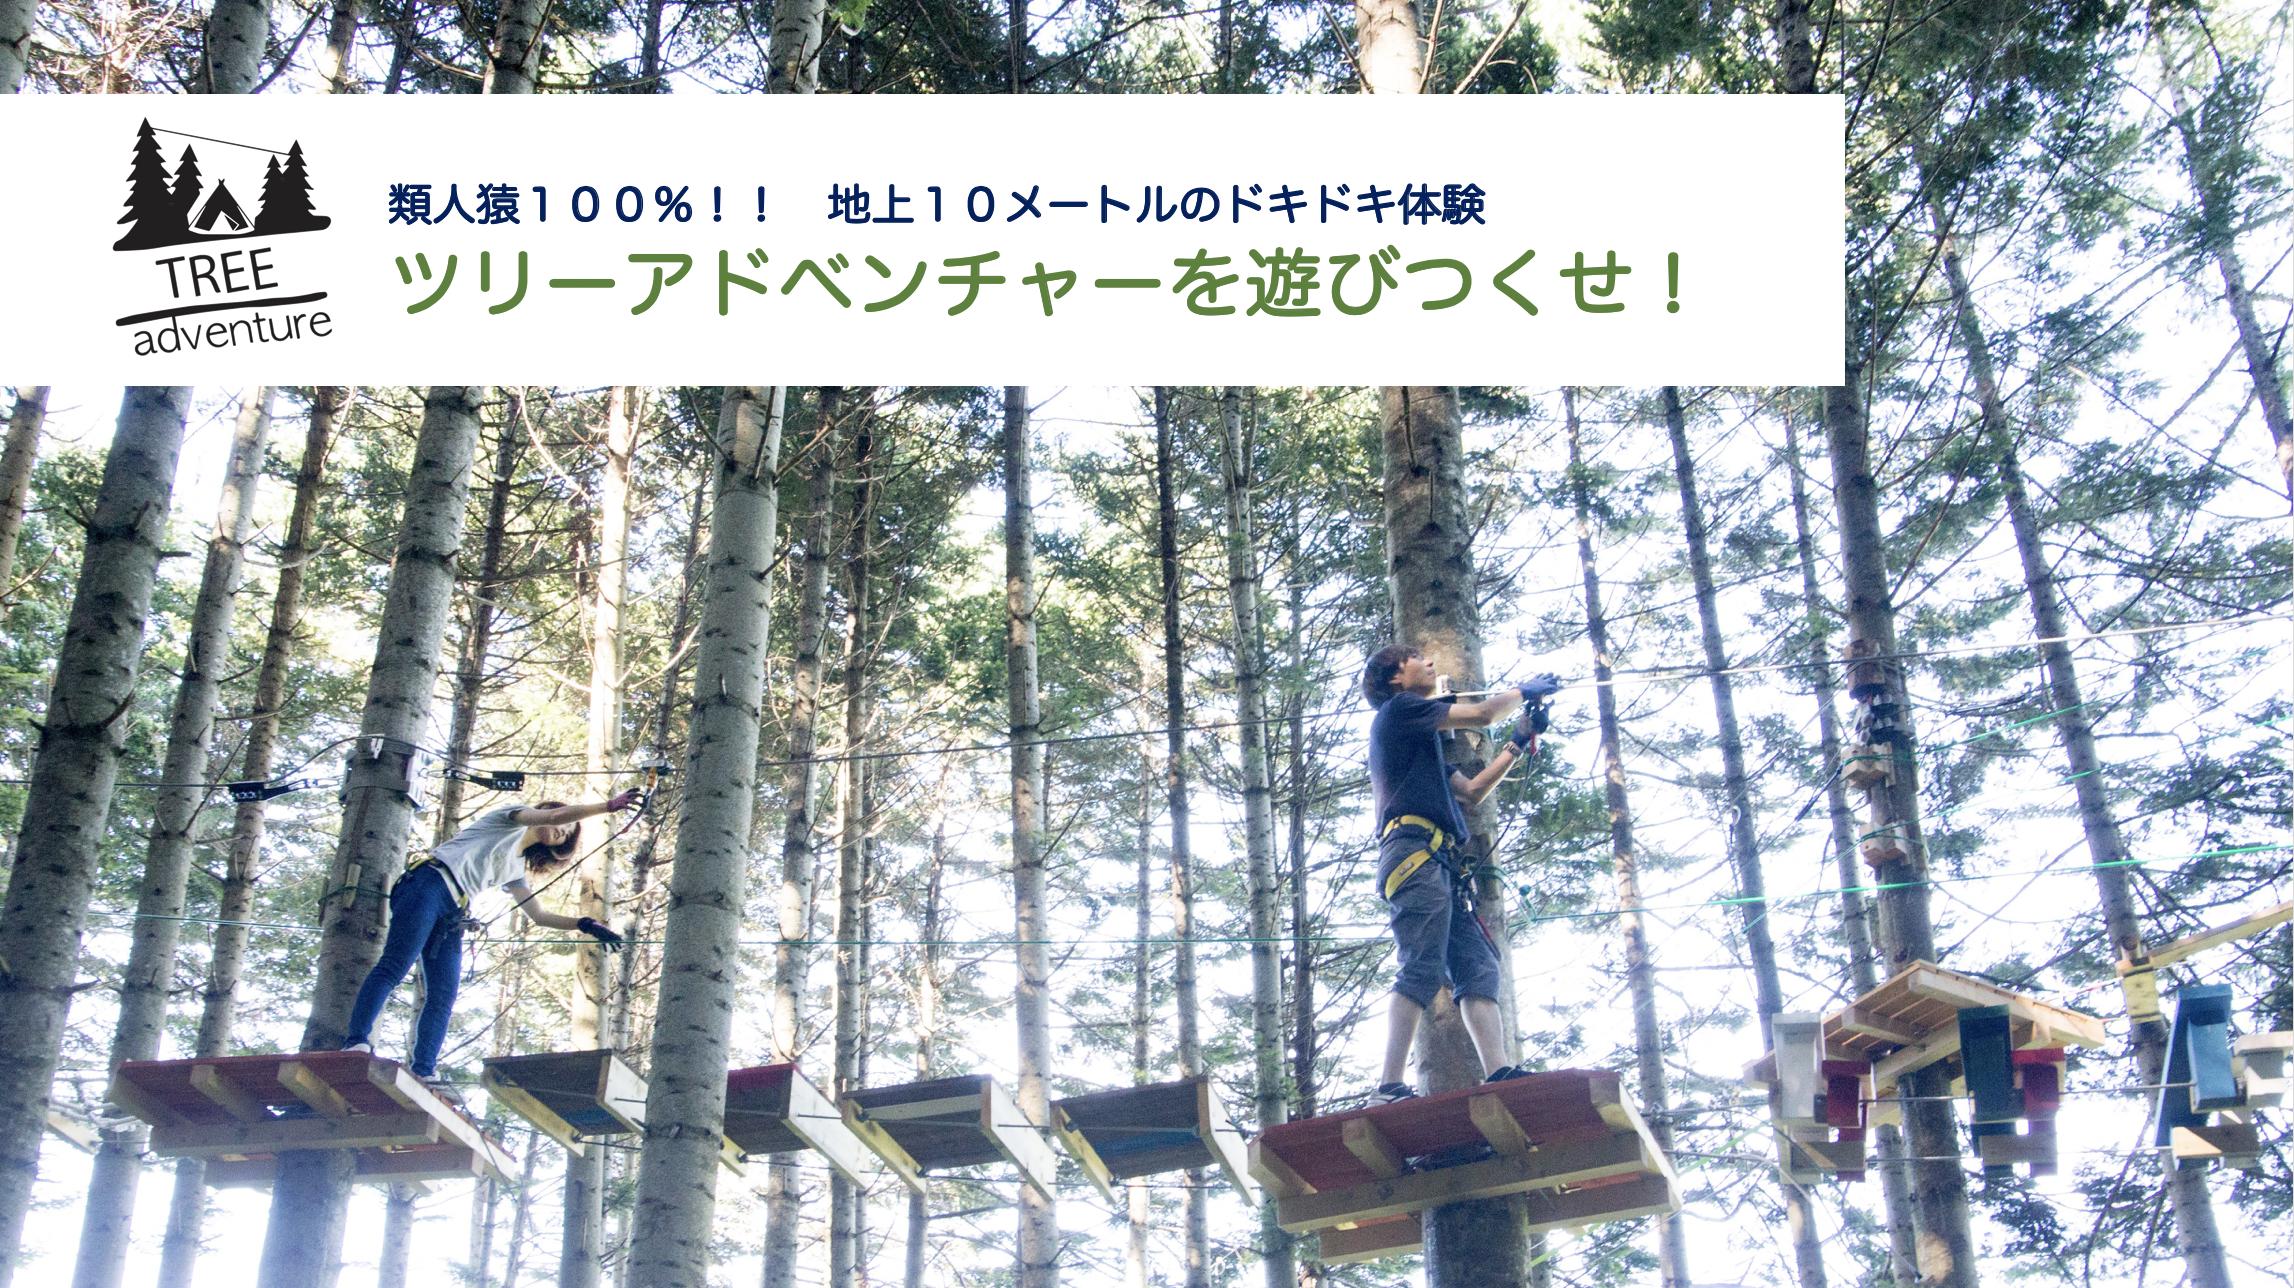 【北海道面積最大級】木の上のアスレッチック「ツリーアドベンチャー」を制覇しろ!